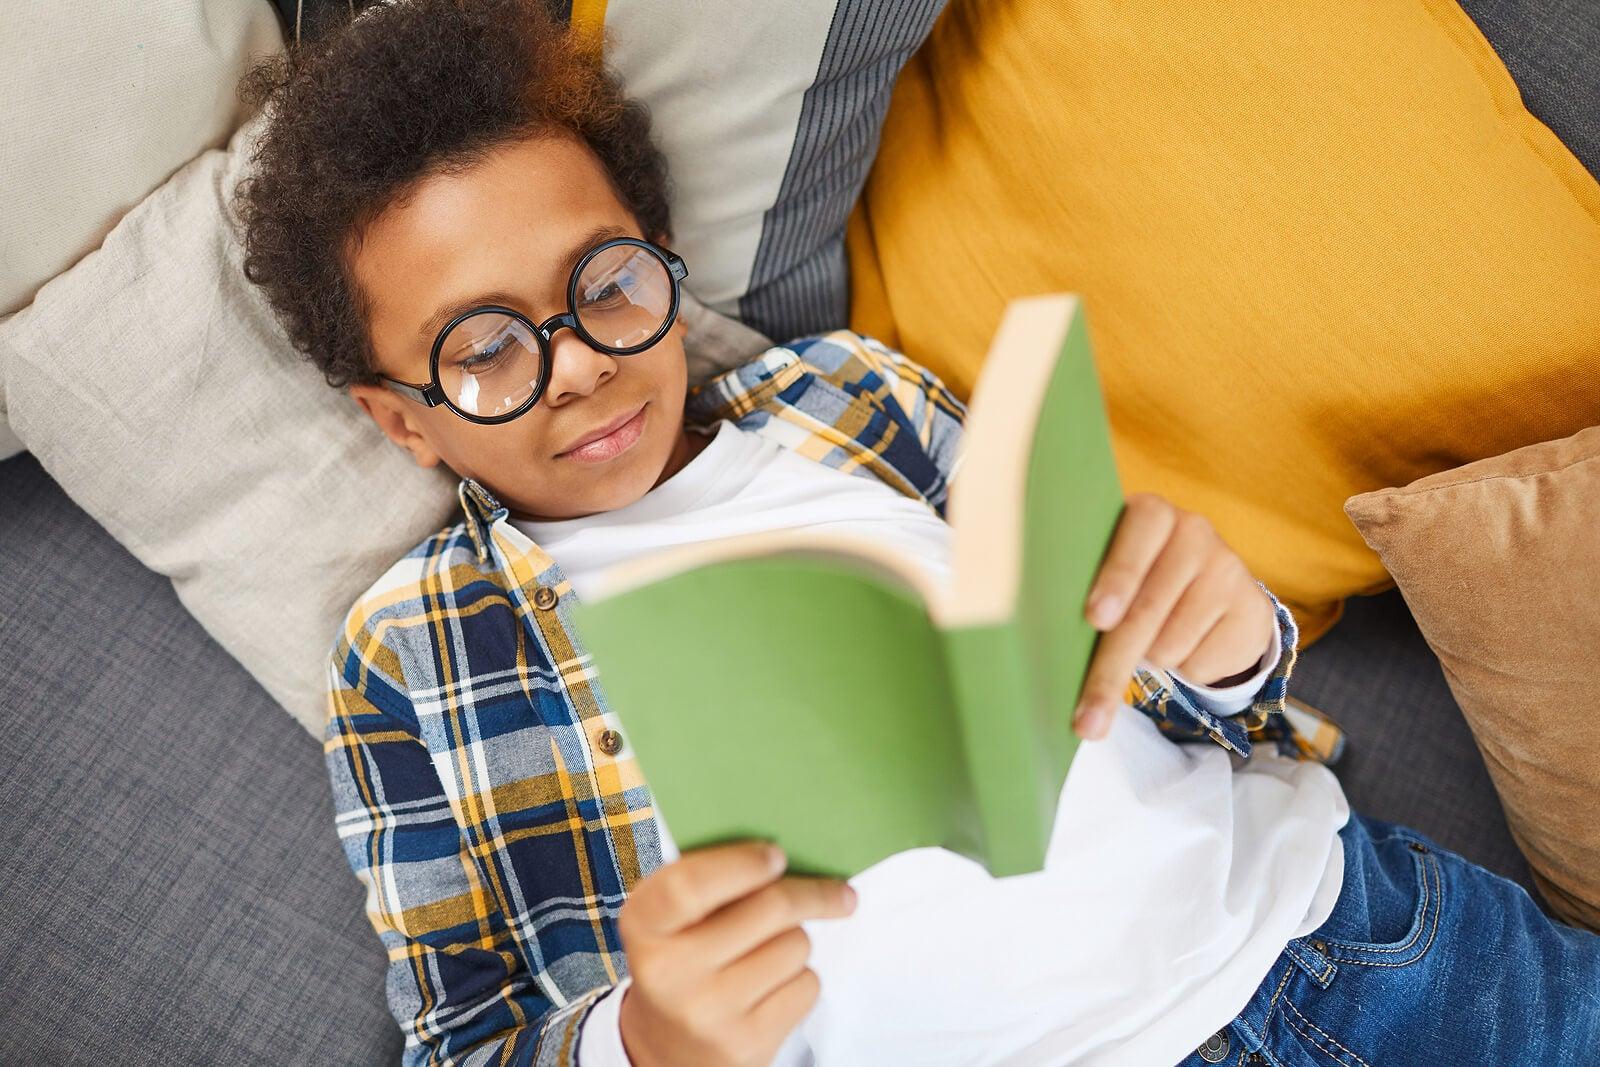 Chico adolescente leyendo.